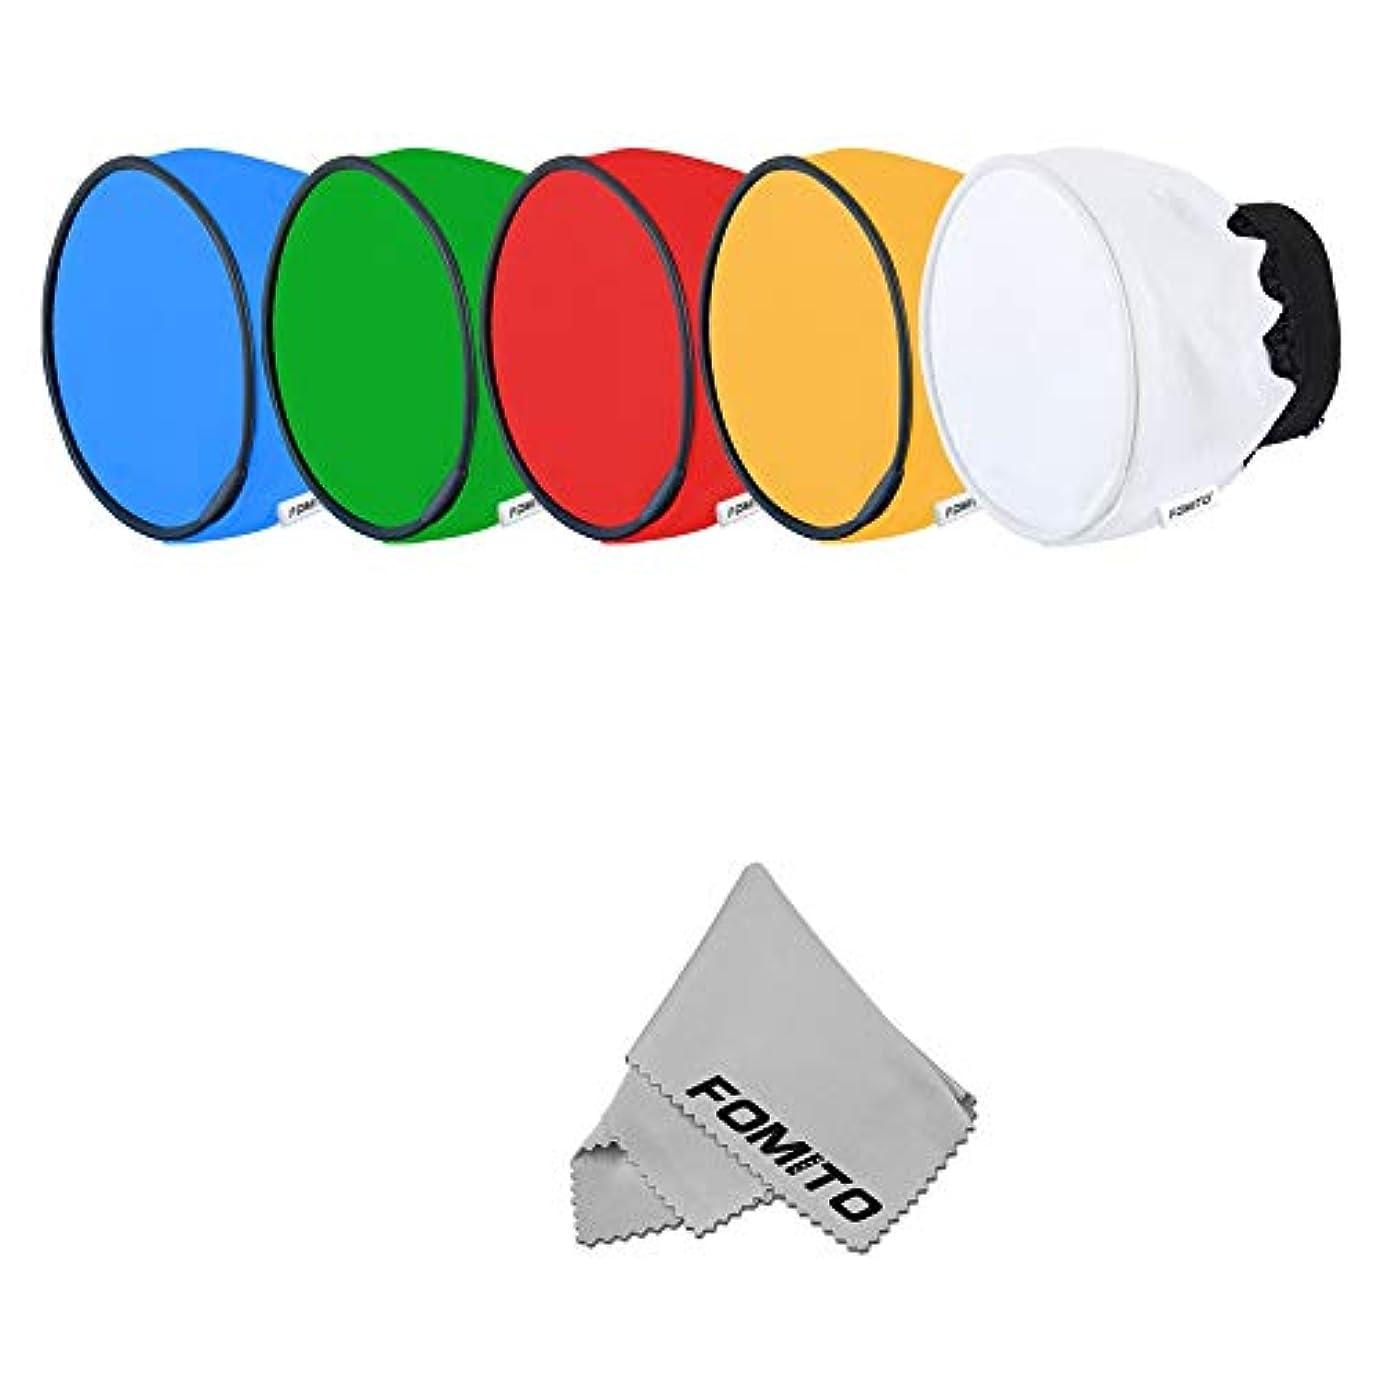 矢じり朝あなたのものFOMITO ディフューザー カメラフラッシュ用ディフューザー セット品 五つ色セット品 対応機種V1 AD200